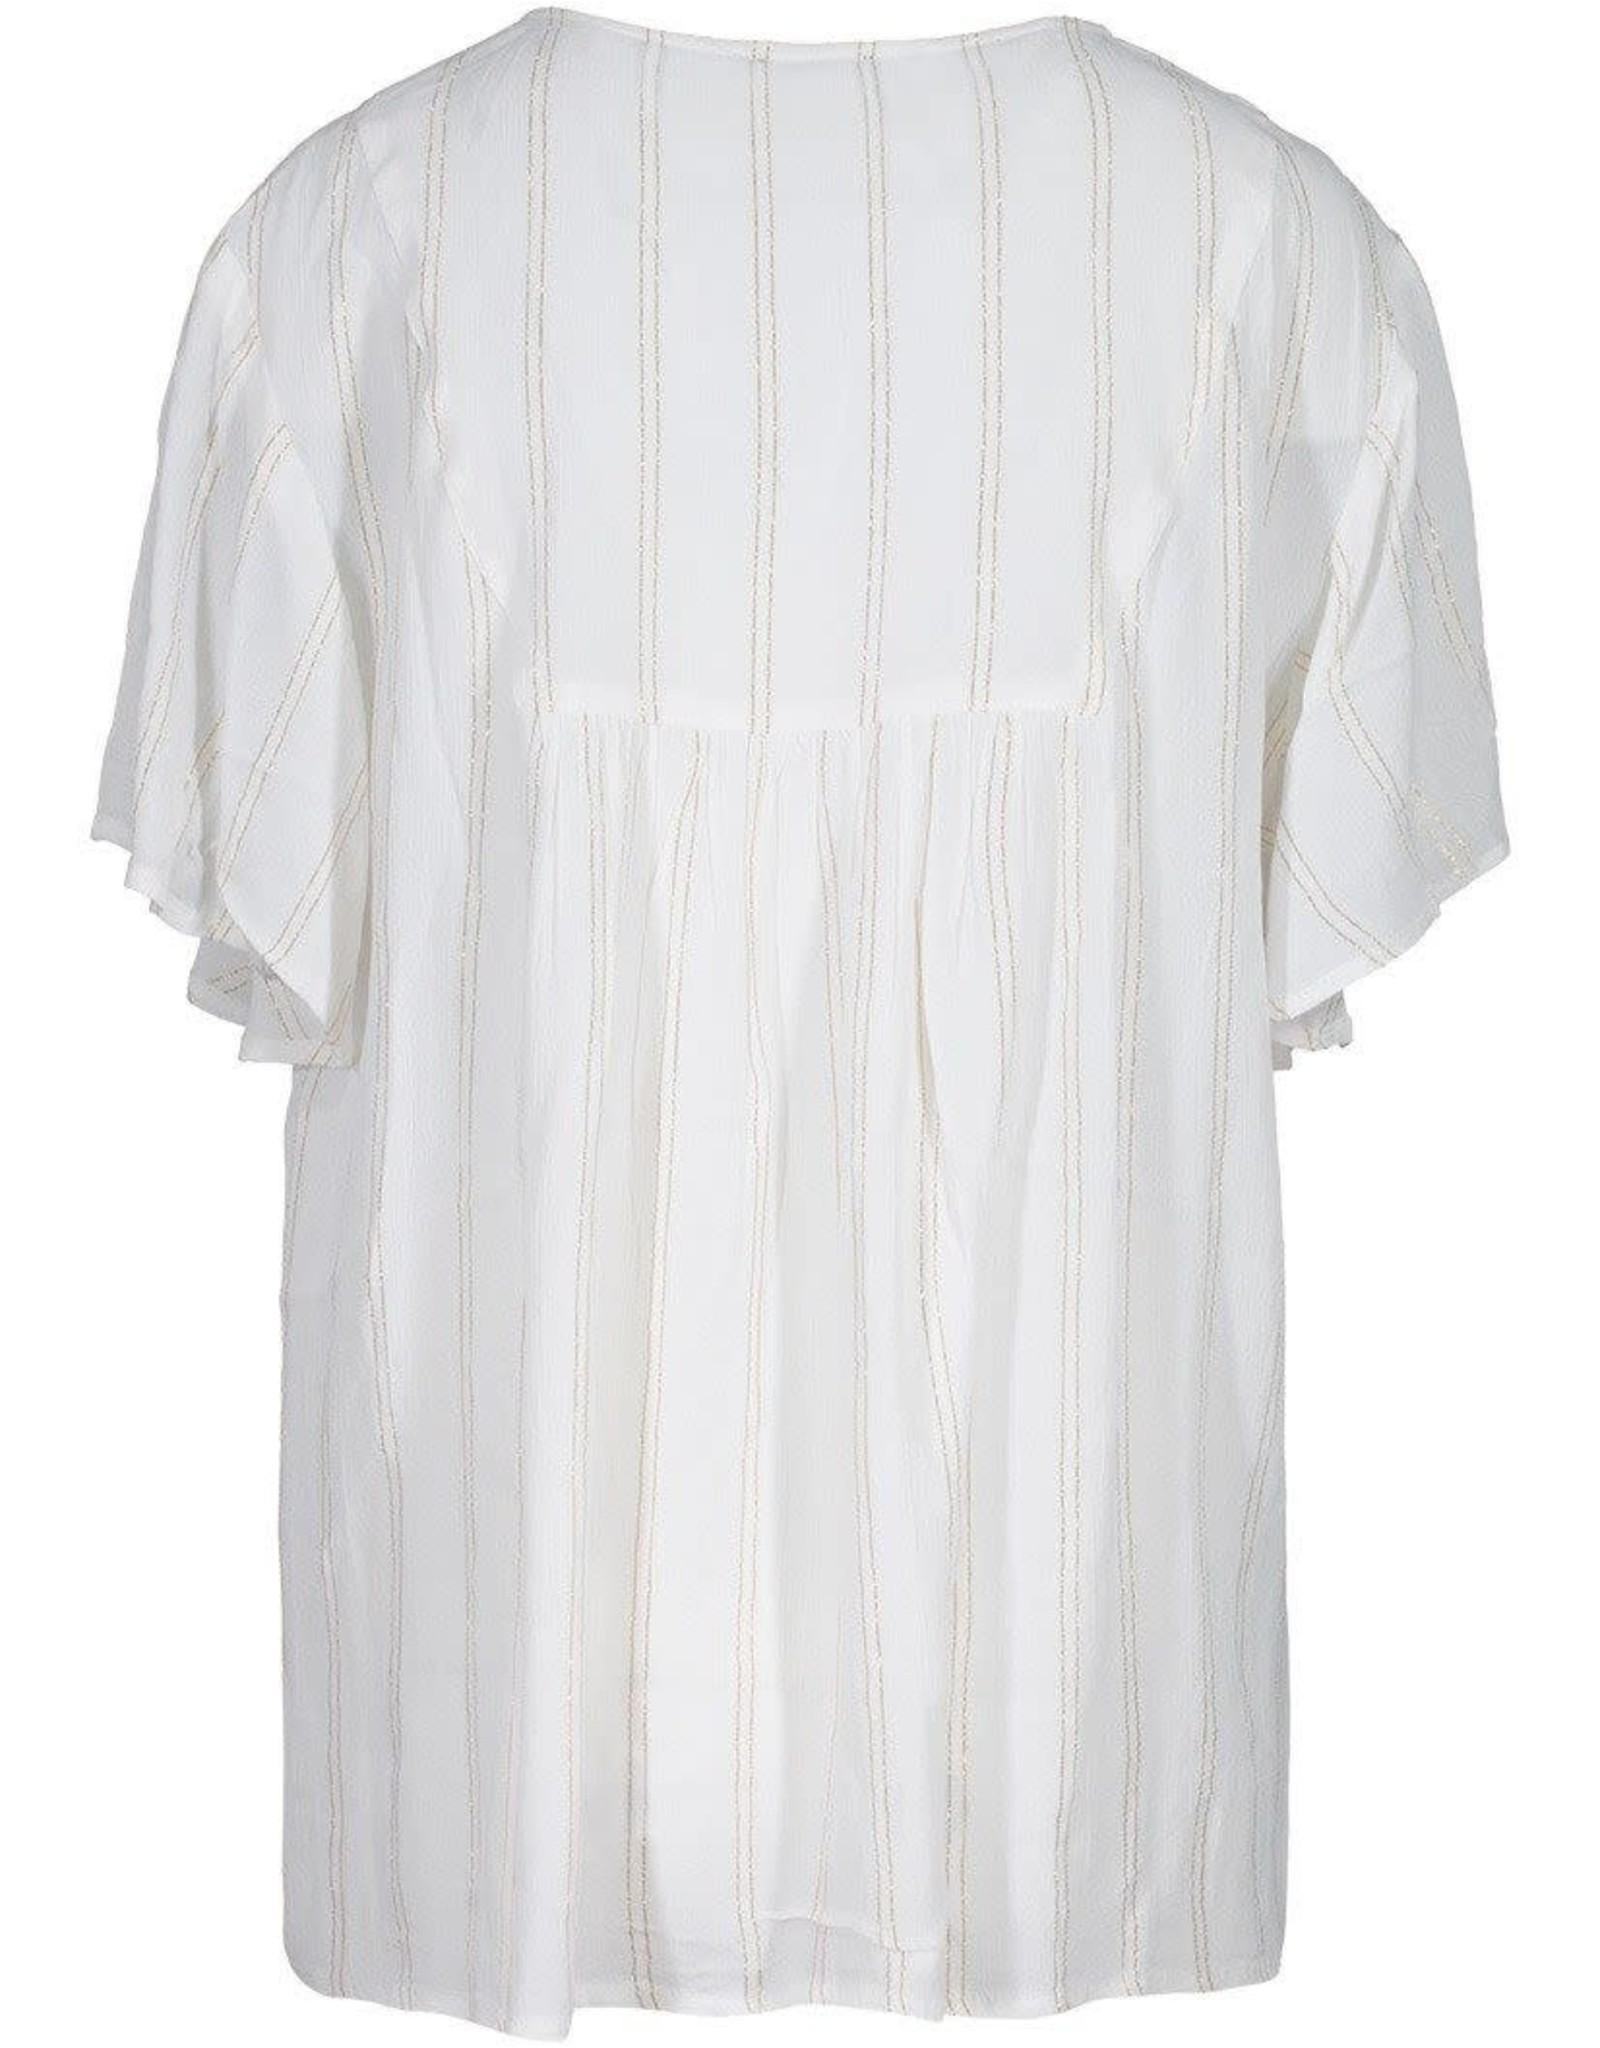 Tribal White & Gold Flutter Sleeve Blouse w/Tassel